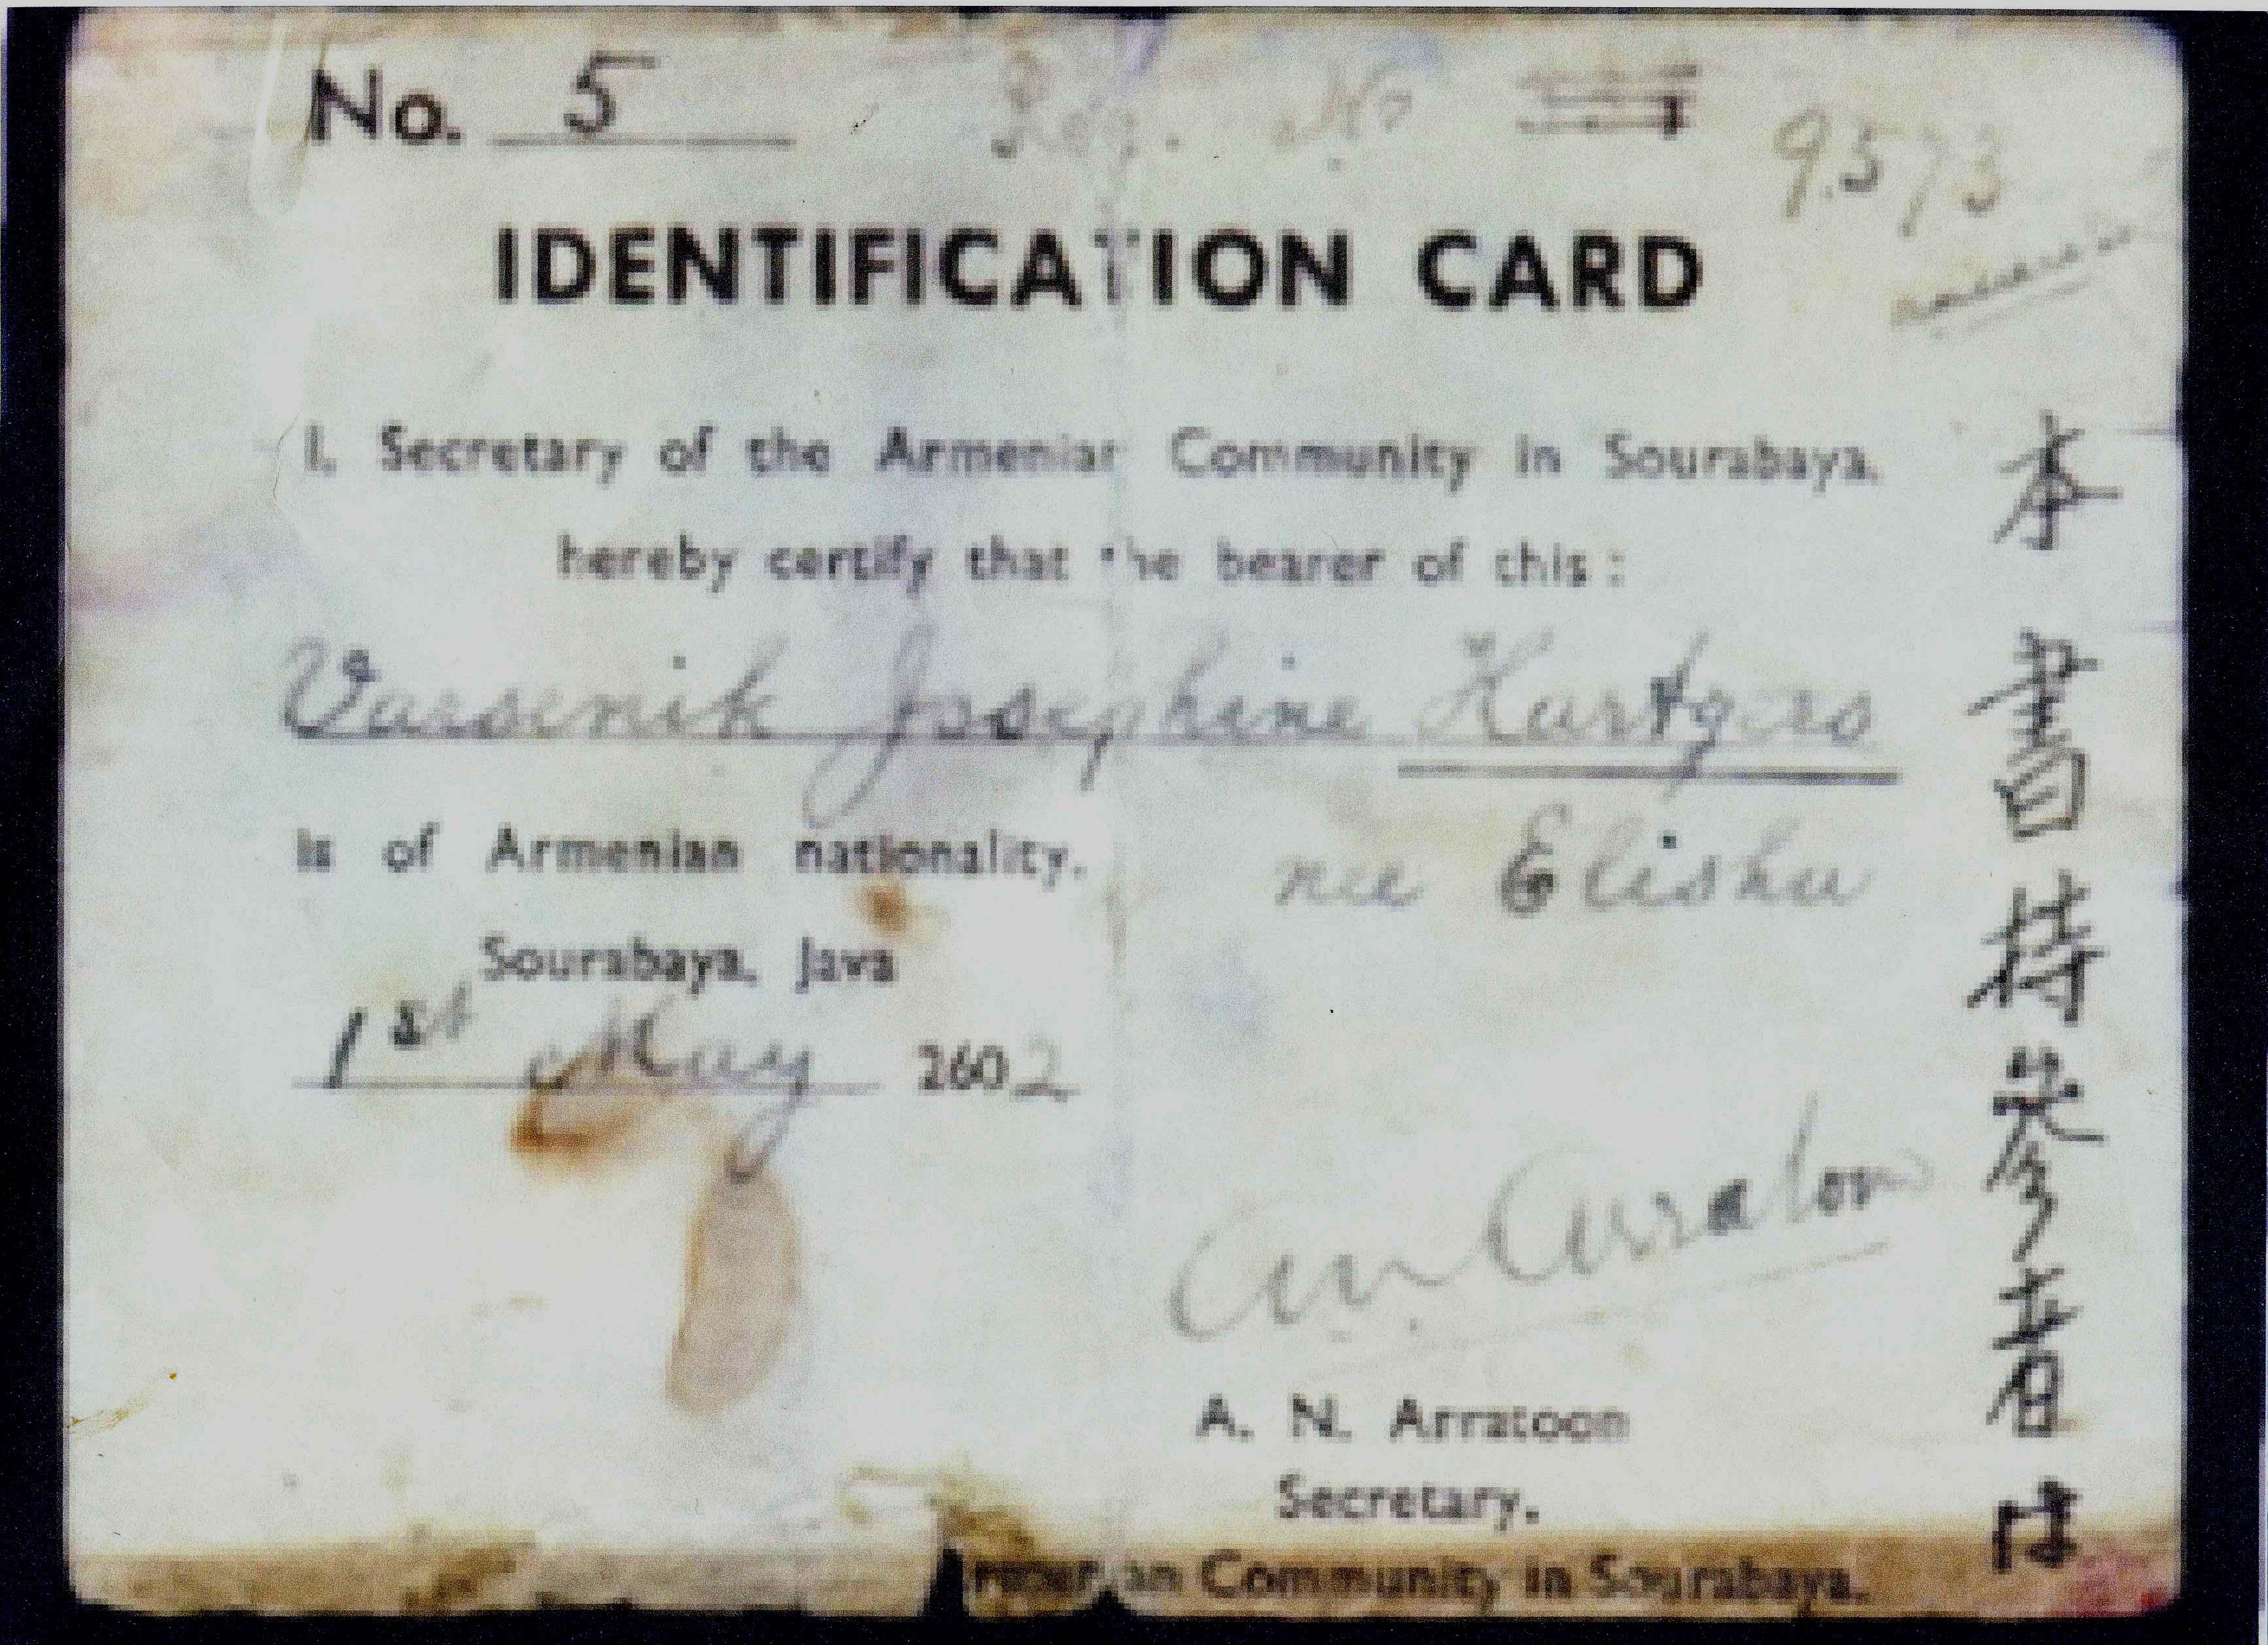 Identiteitsbewijs verstrekt door de Secretaris van de Armeense gemeenschap in Soerabaja, dr A. N. Arratoon Hiermee wist Varsenike Hartgers-Elisha buiten het kamp te blijven en later uit de gevangenis